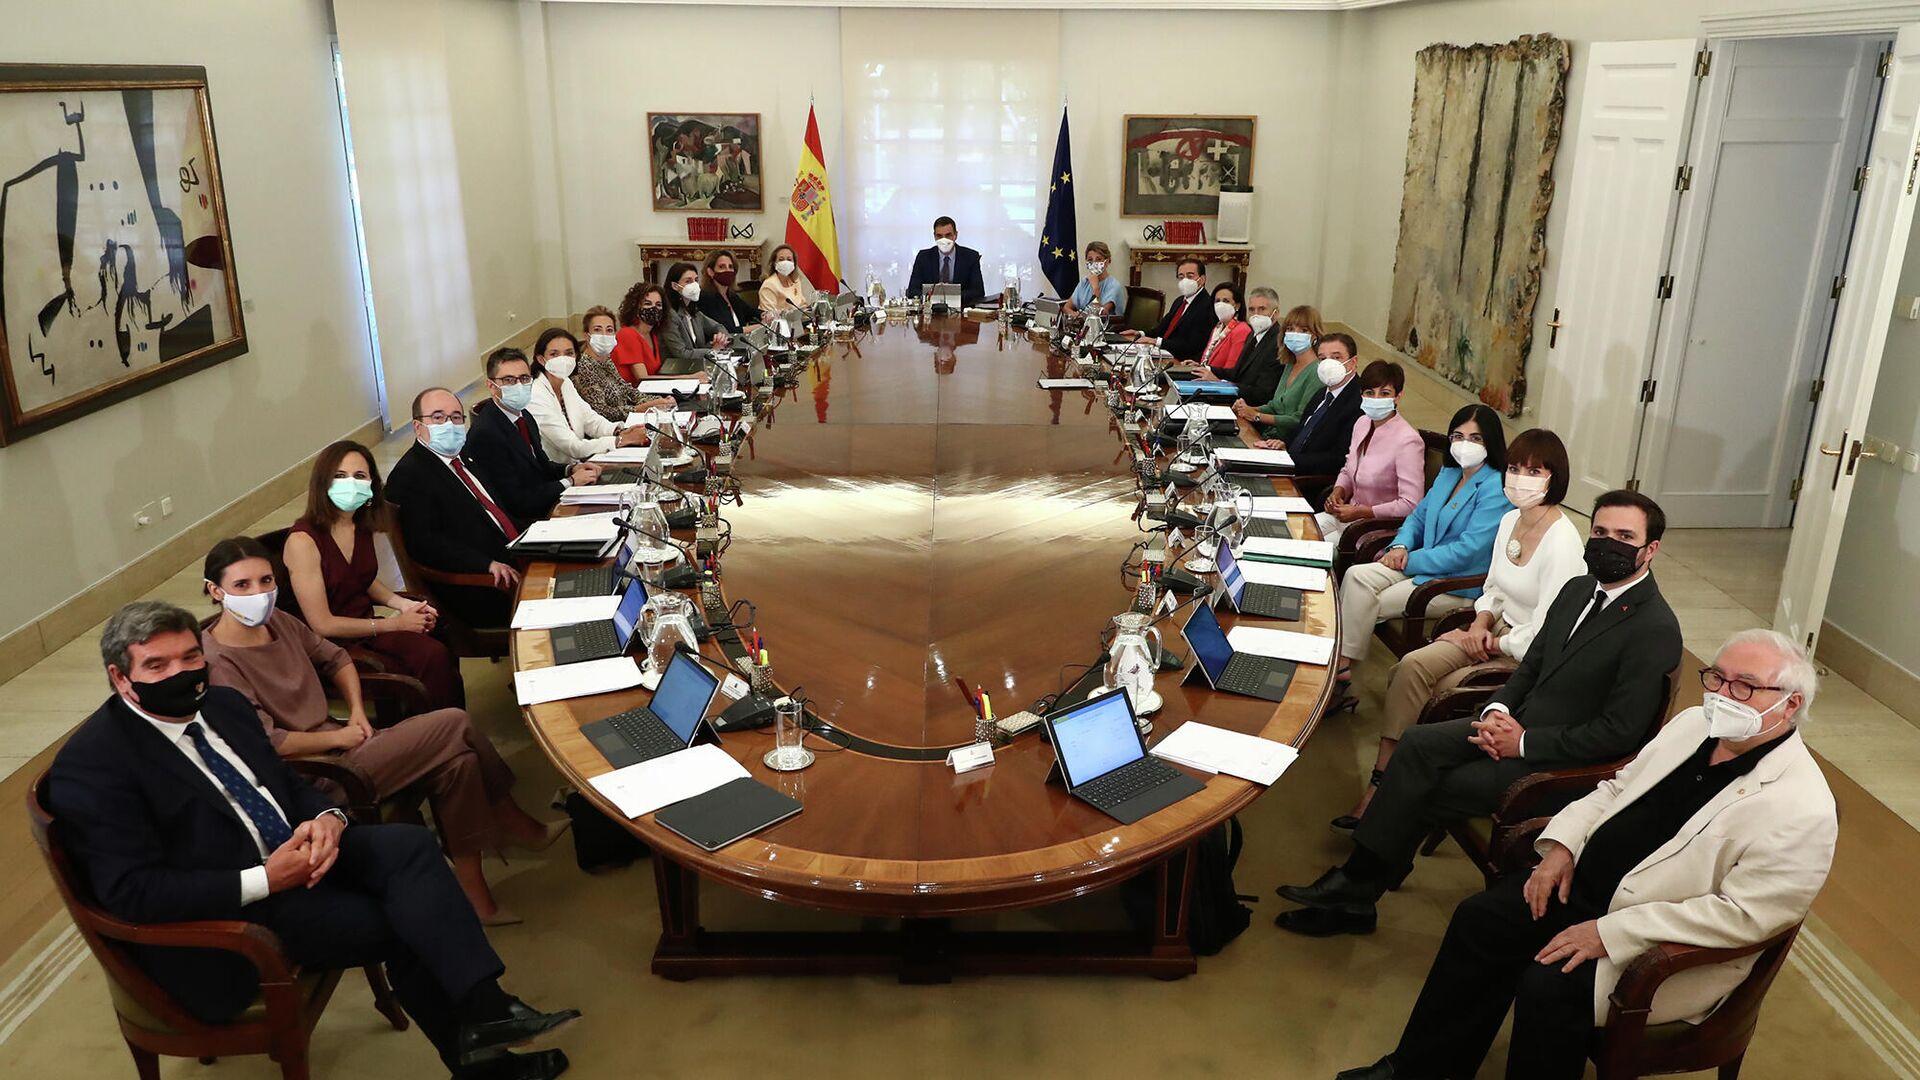 Reunión del Consejo de Ministros de España del 13 de julio de 2021 - Sputnik Mundo, 1920, 05.10.2021